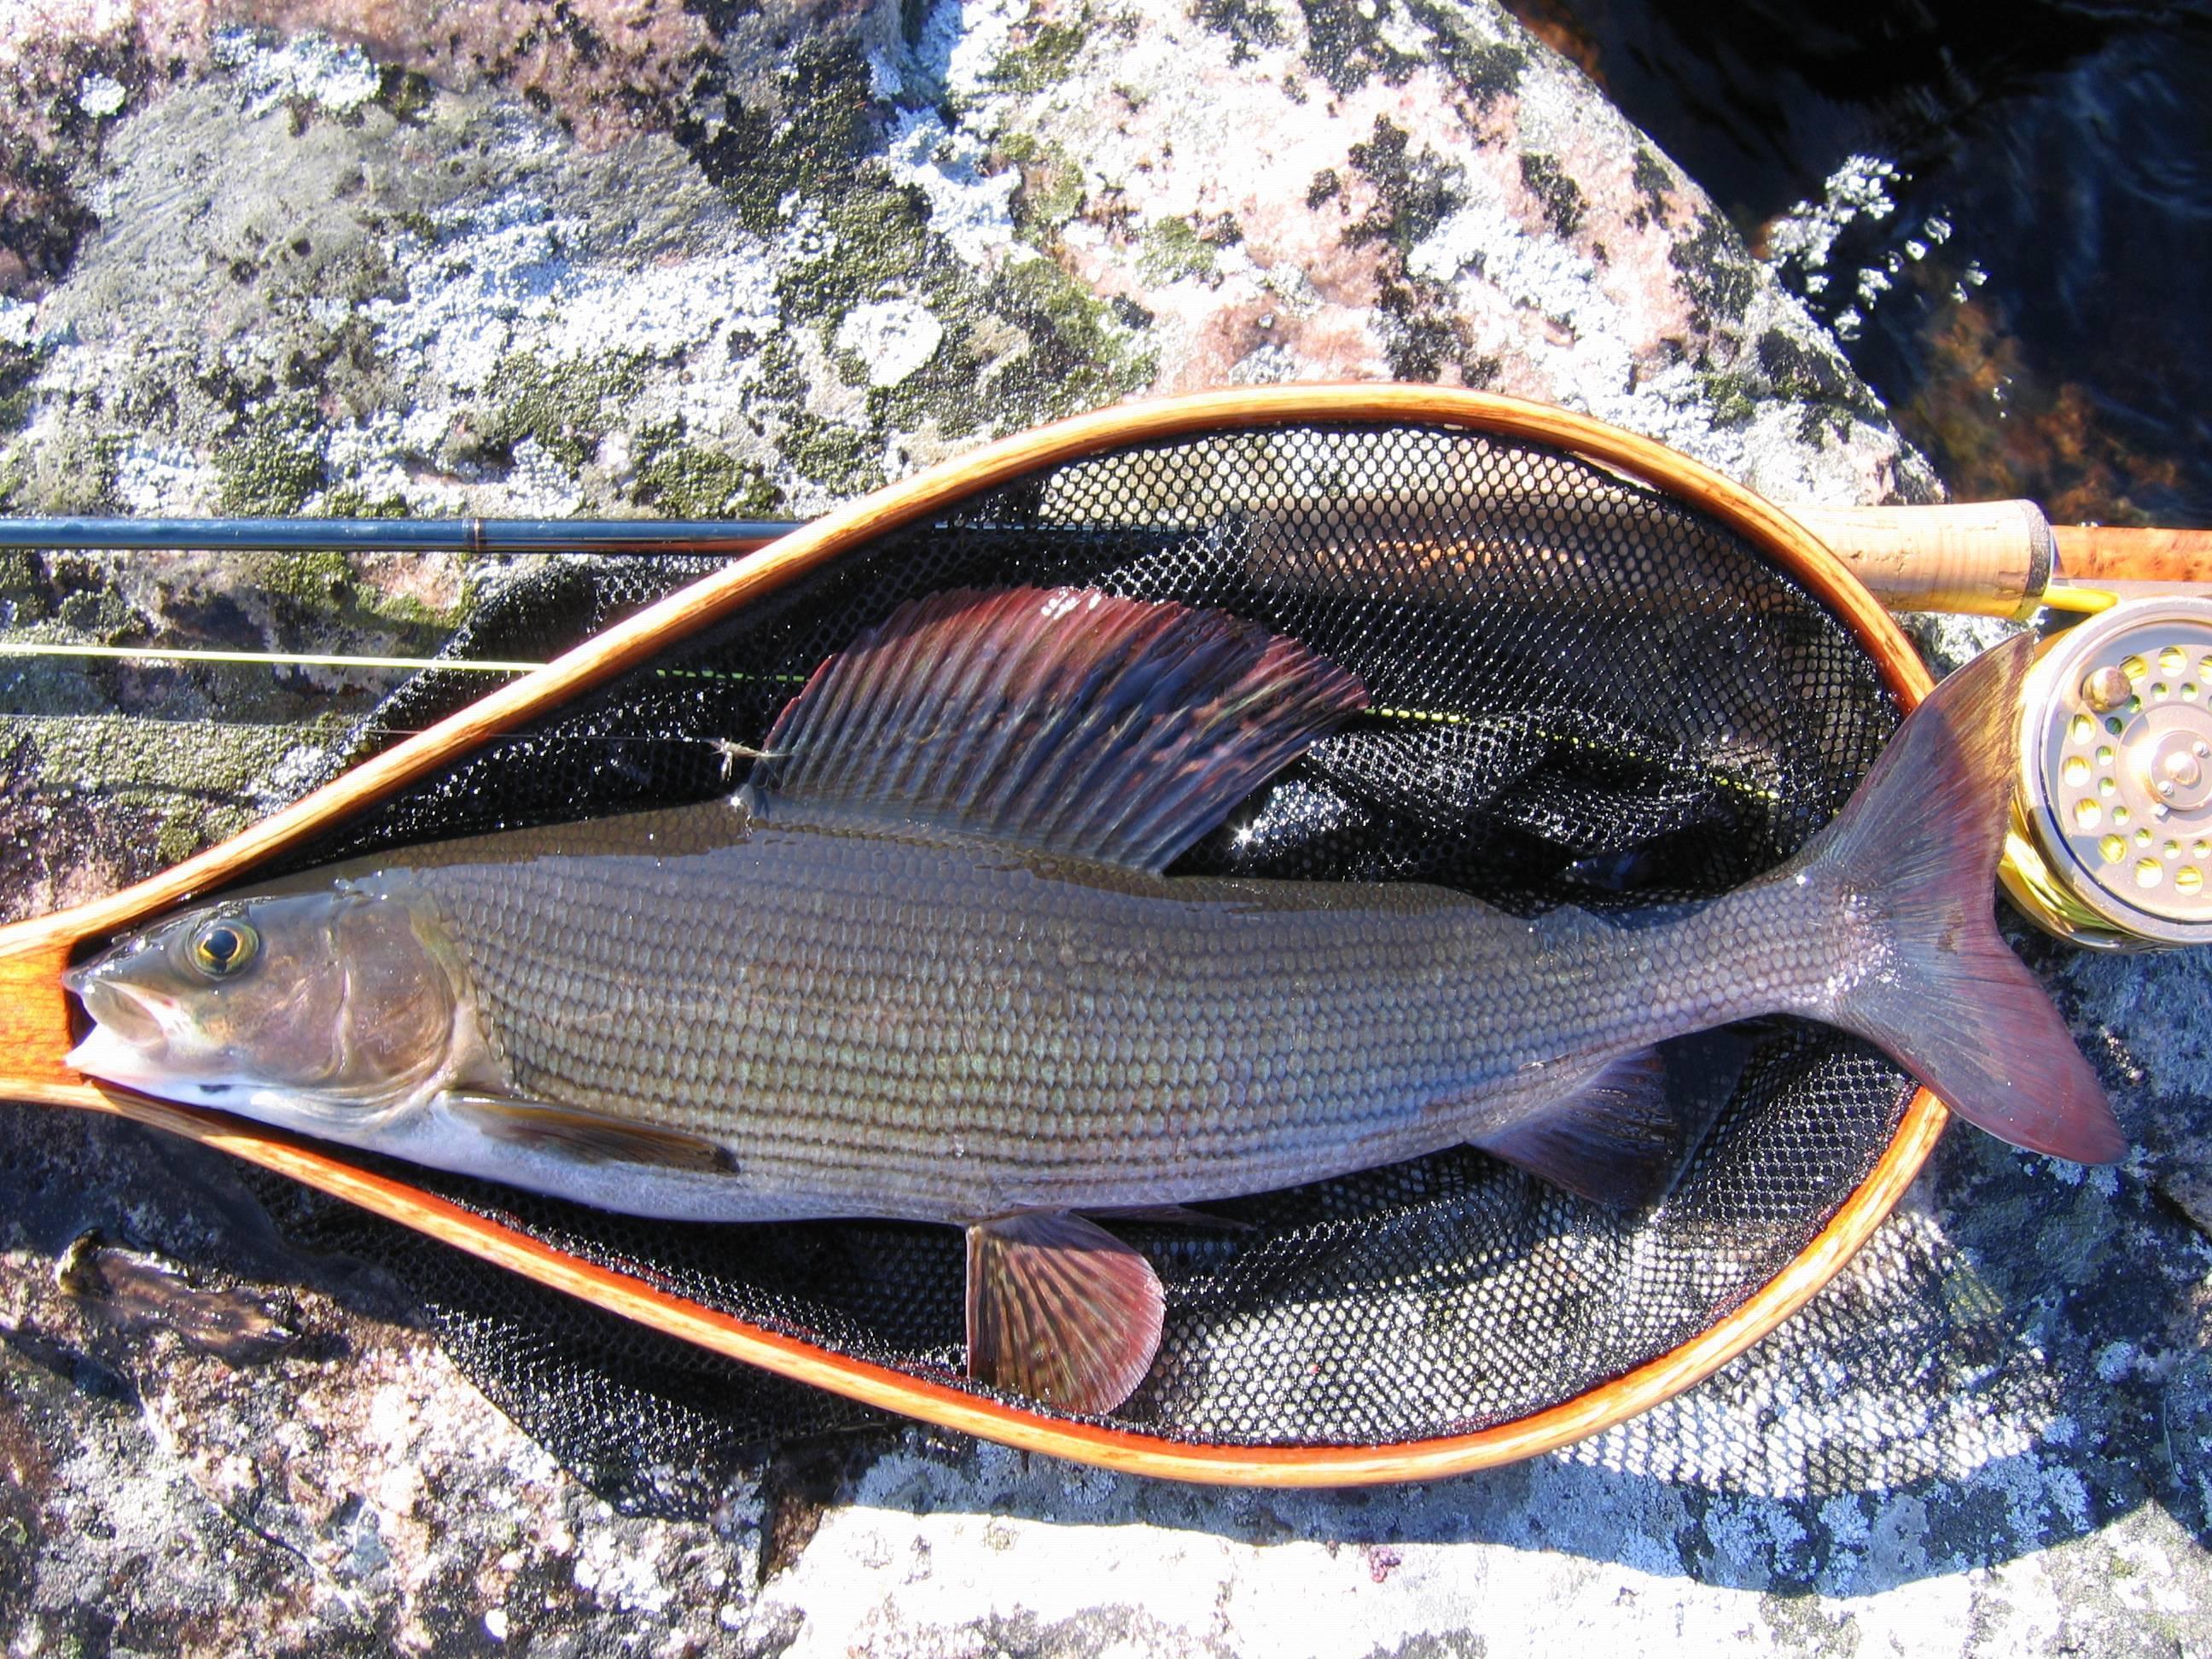 Рыба хариус: описание и место обитания : labuda.blog рыба хариус: описание и место обитания — «лабуда» информационно-развлекательный интернет журнал